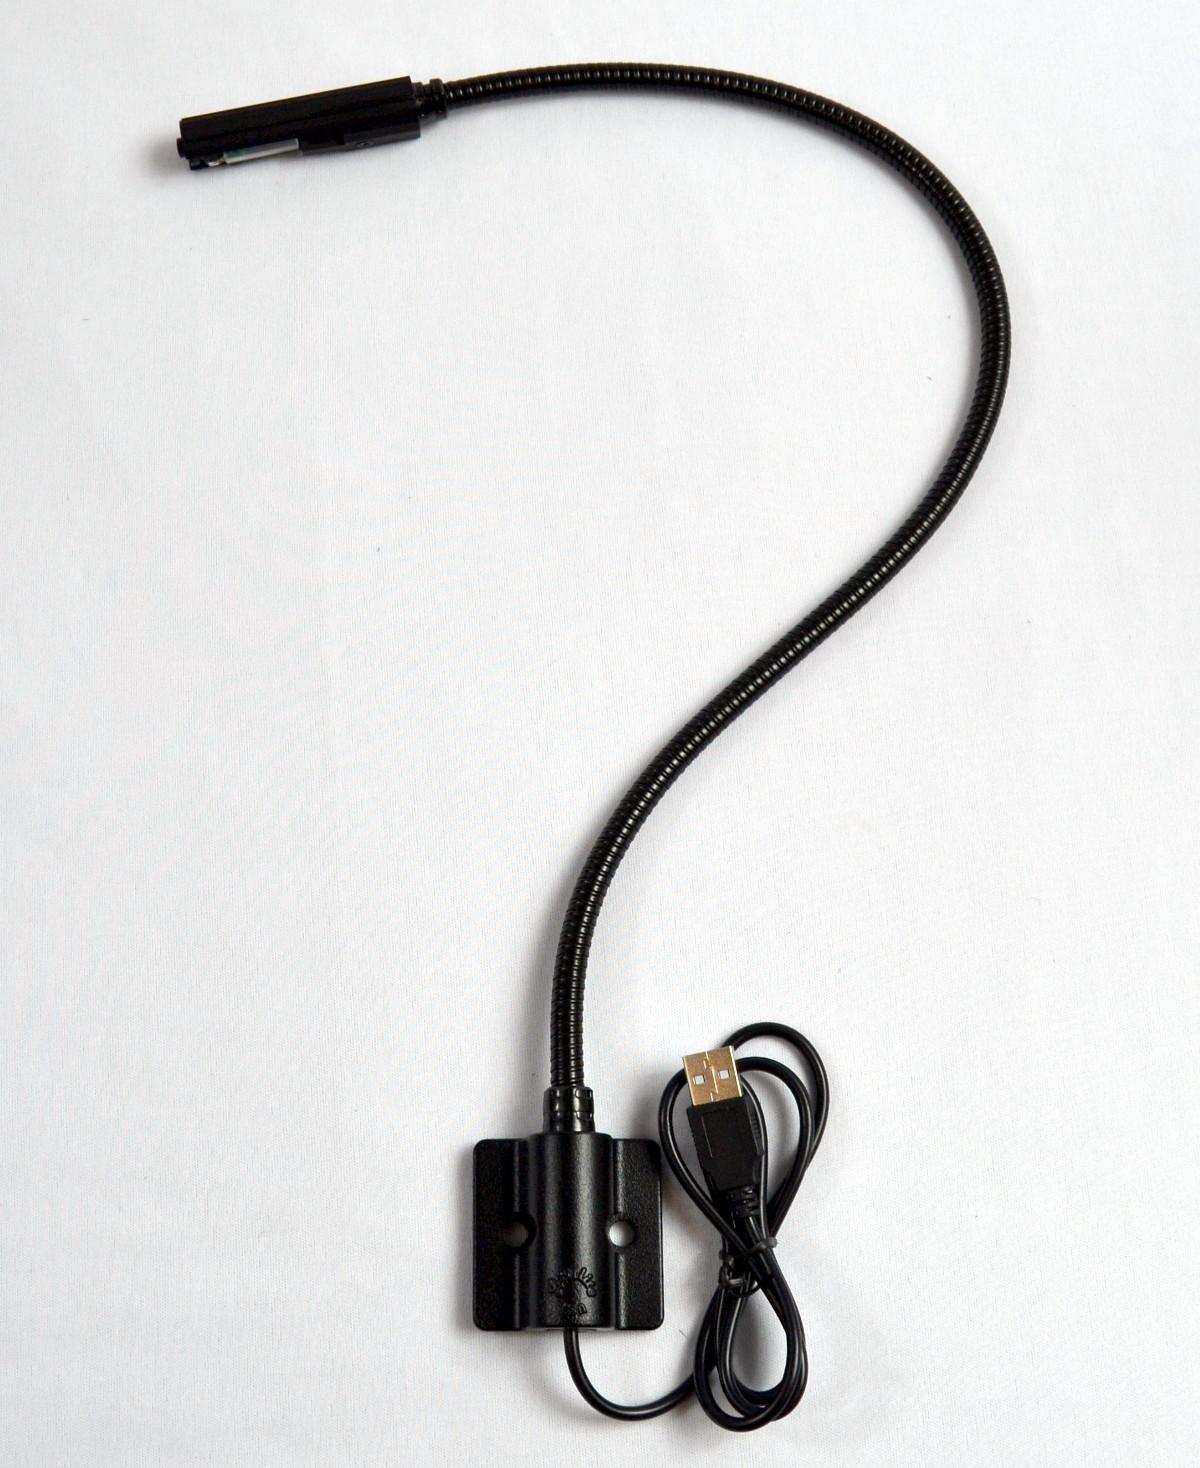 LCR-18-END-USB